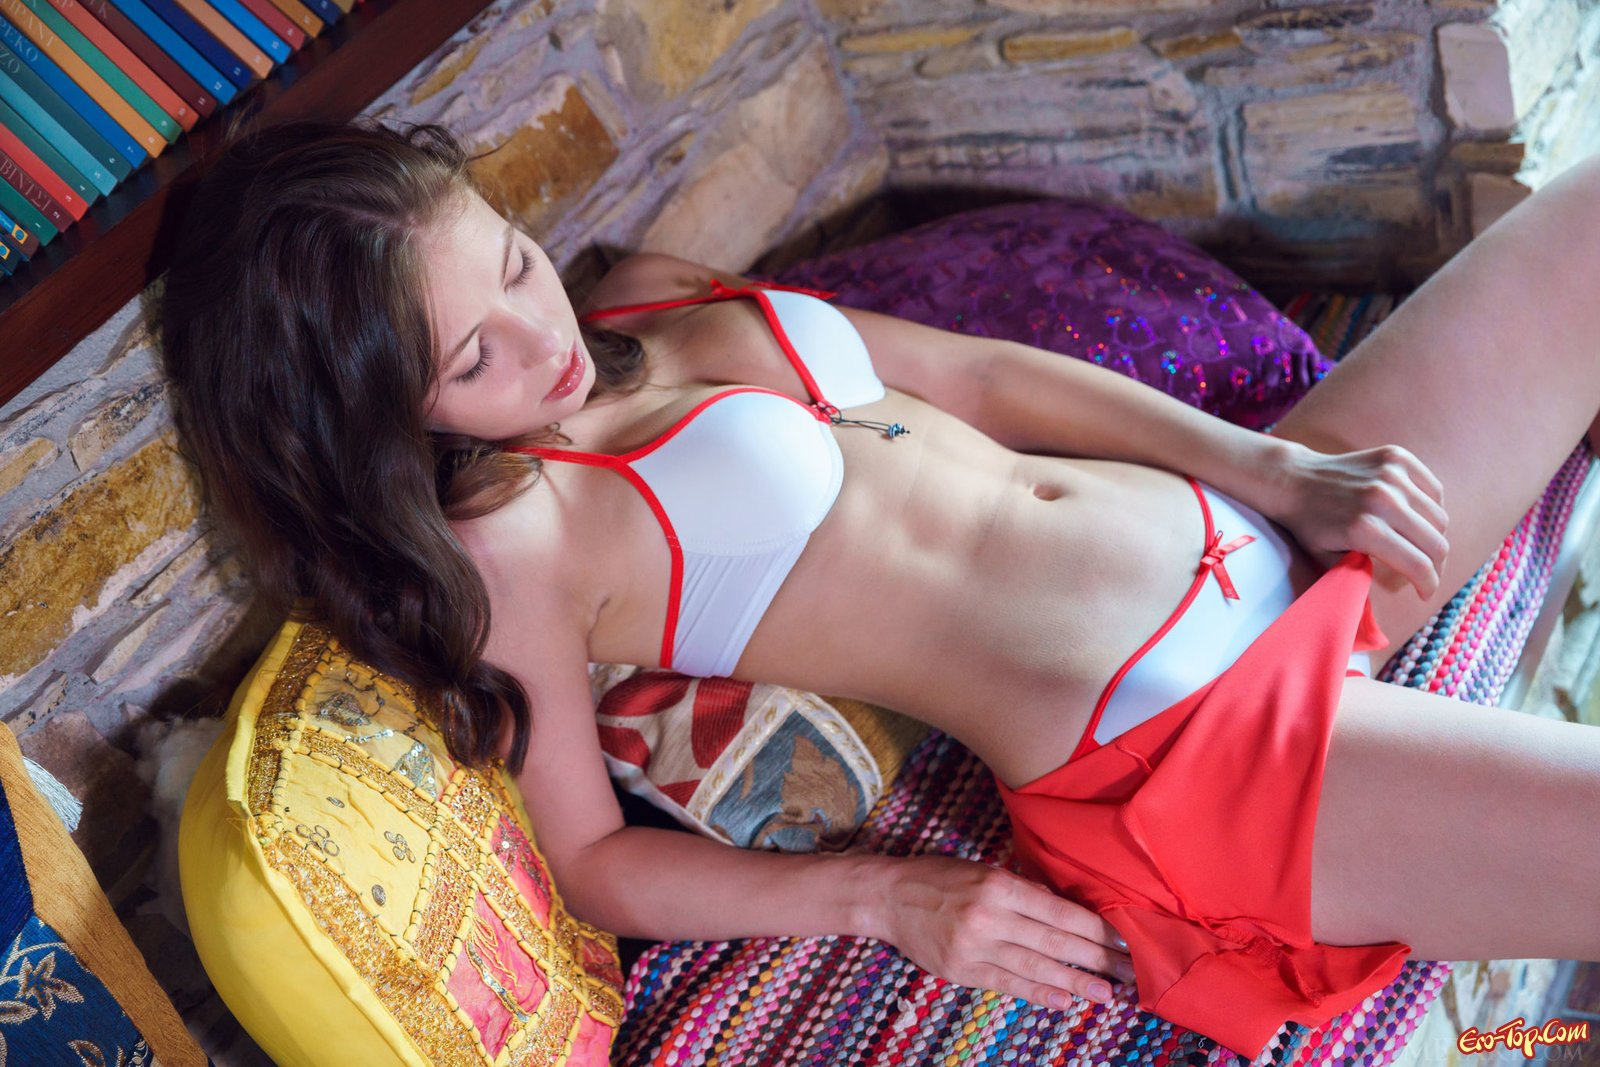 Девушка няшка снимает нижнее белье полностью